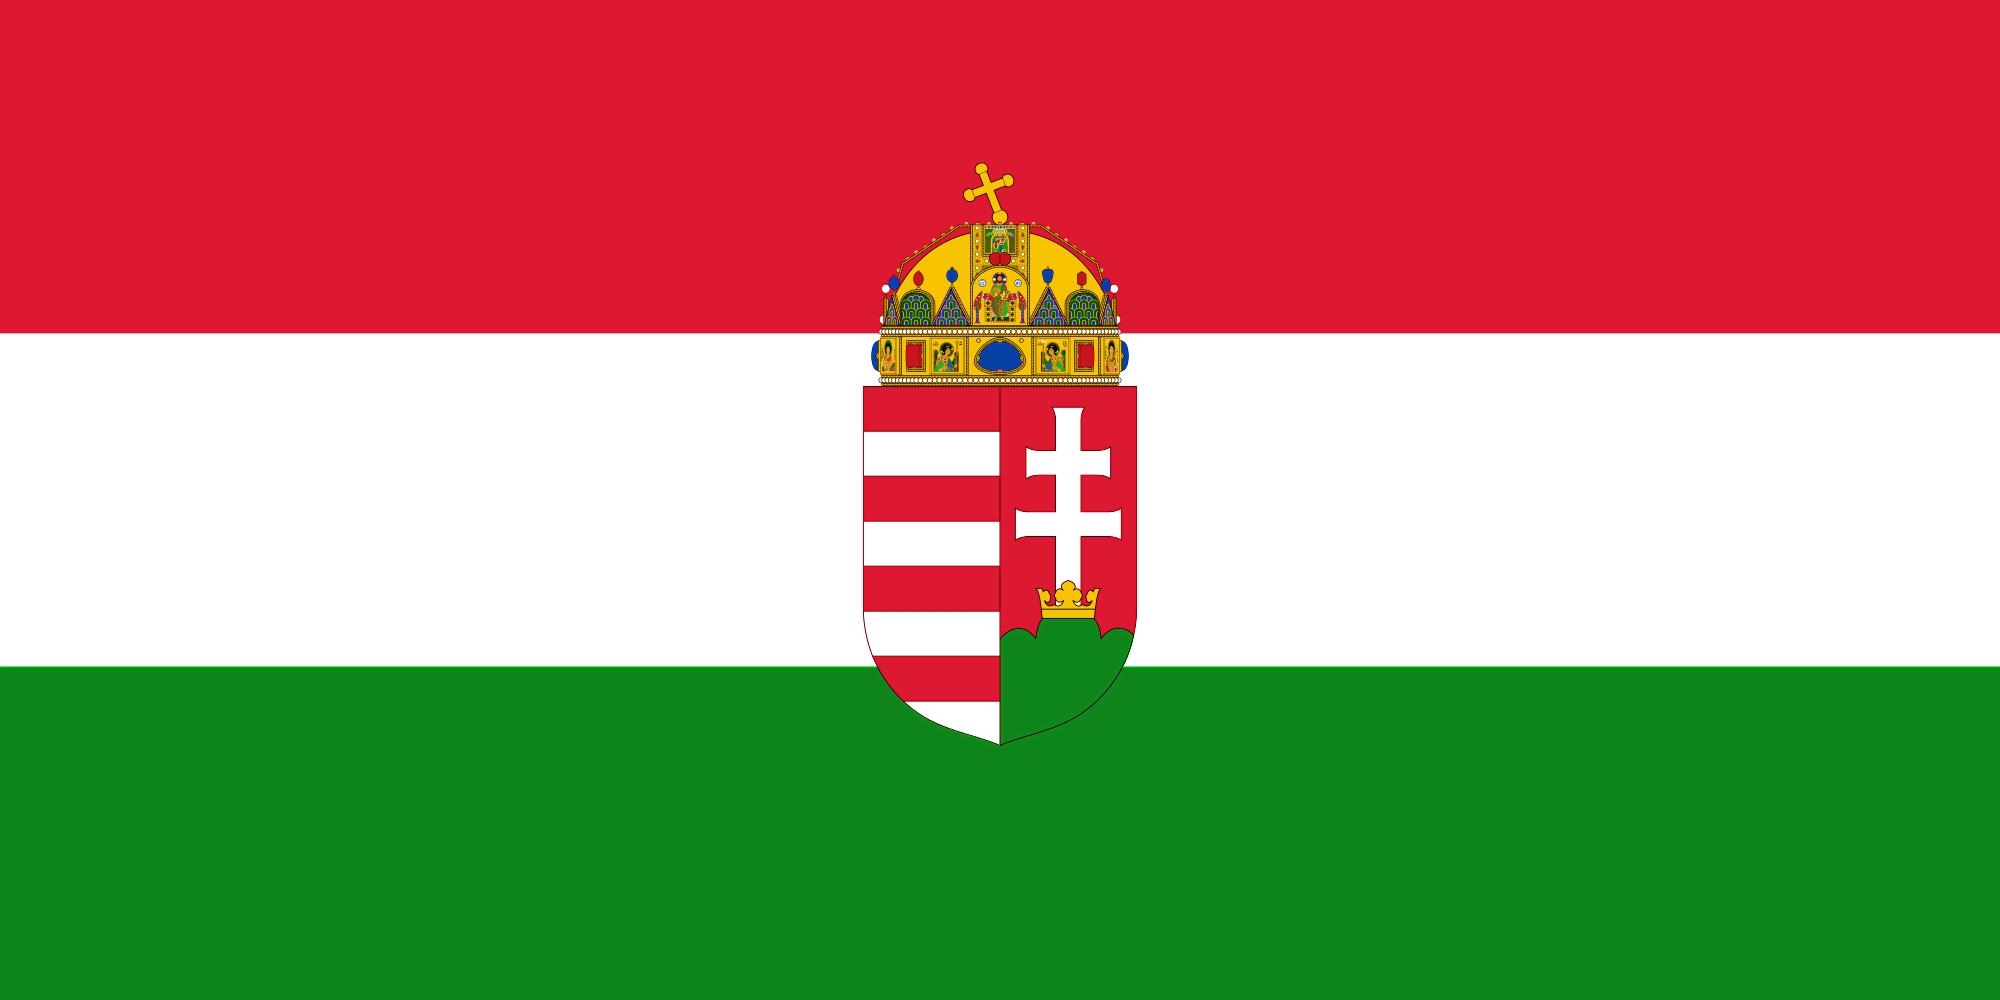 Mi a Magyar zászló piros fehér zöld színének valódi eredete?